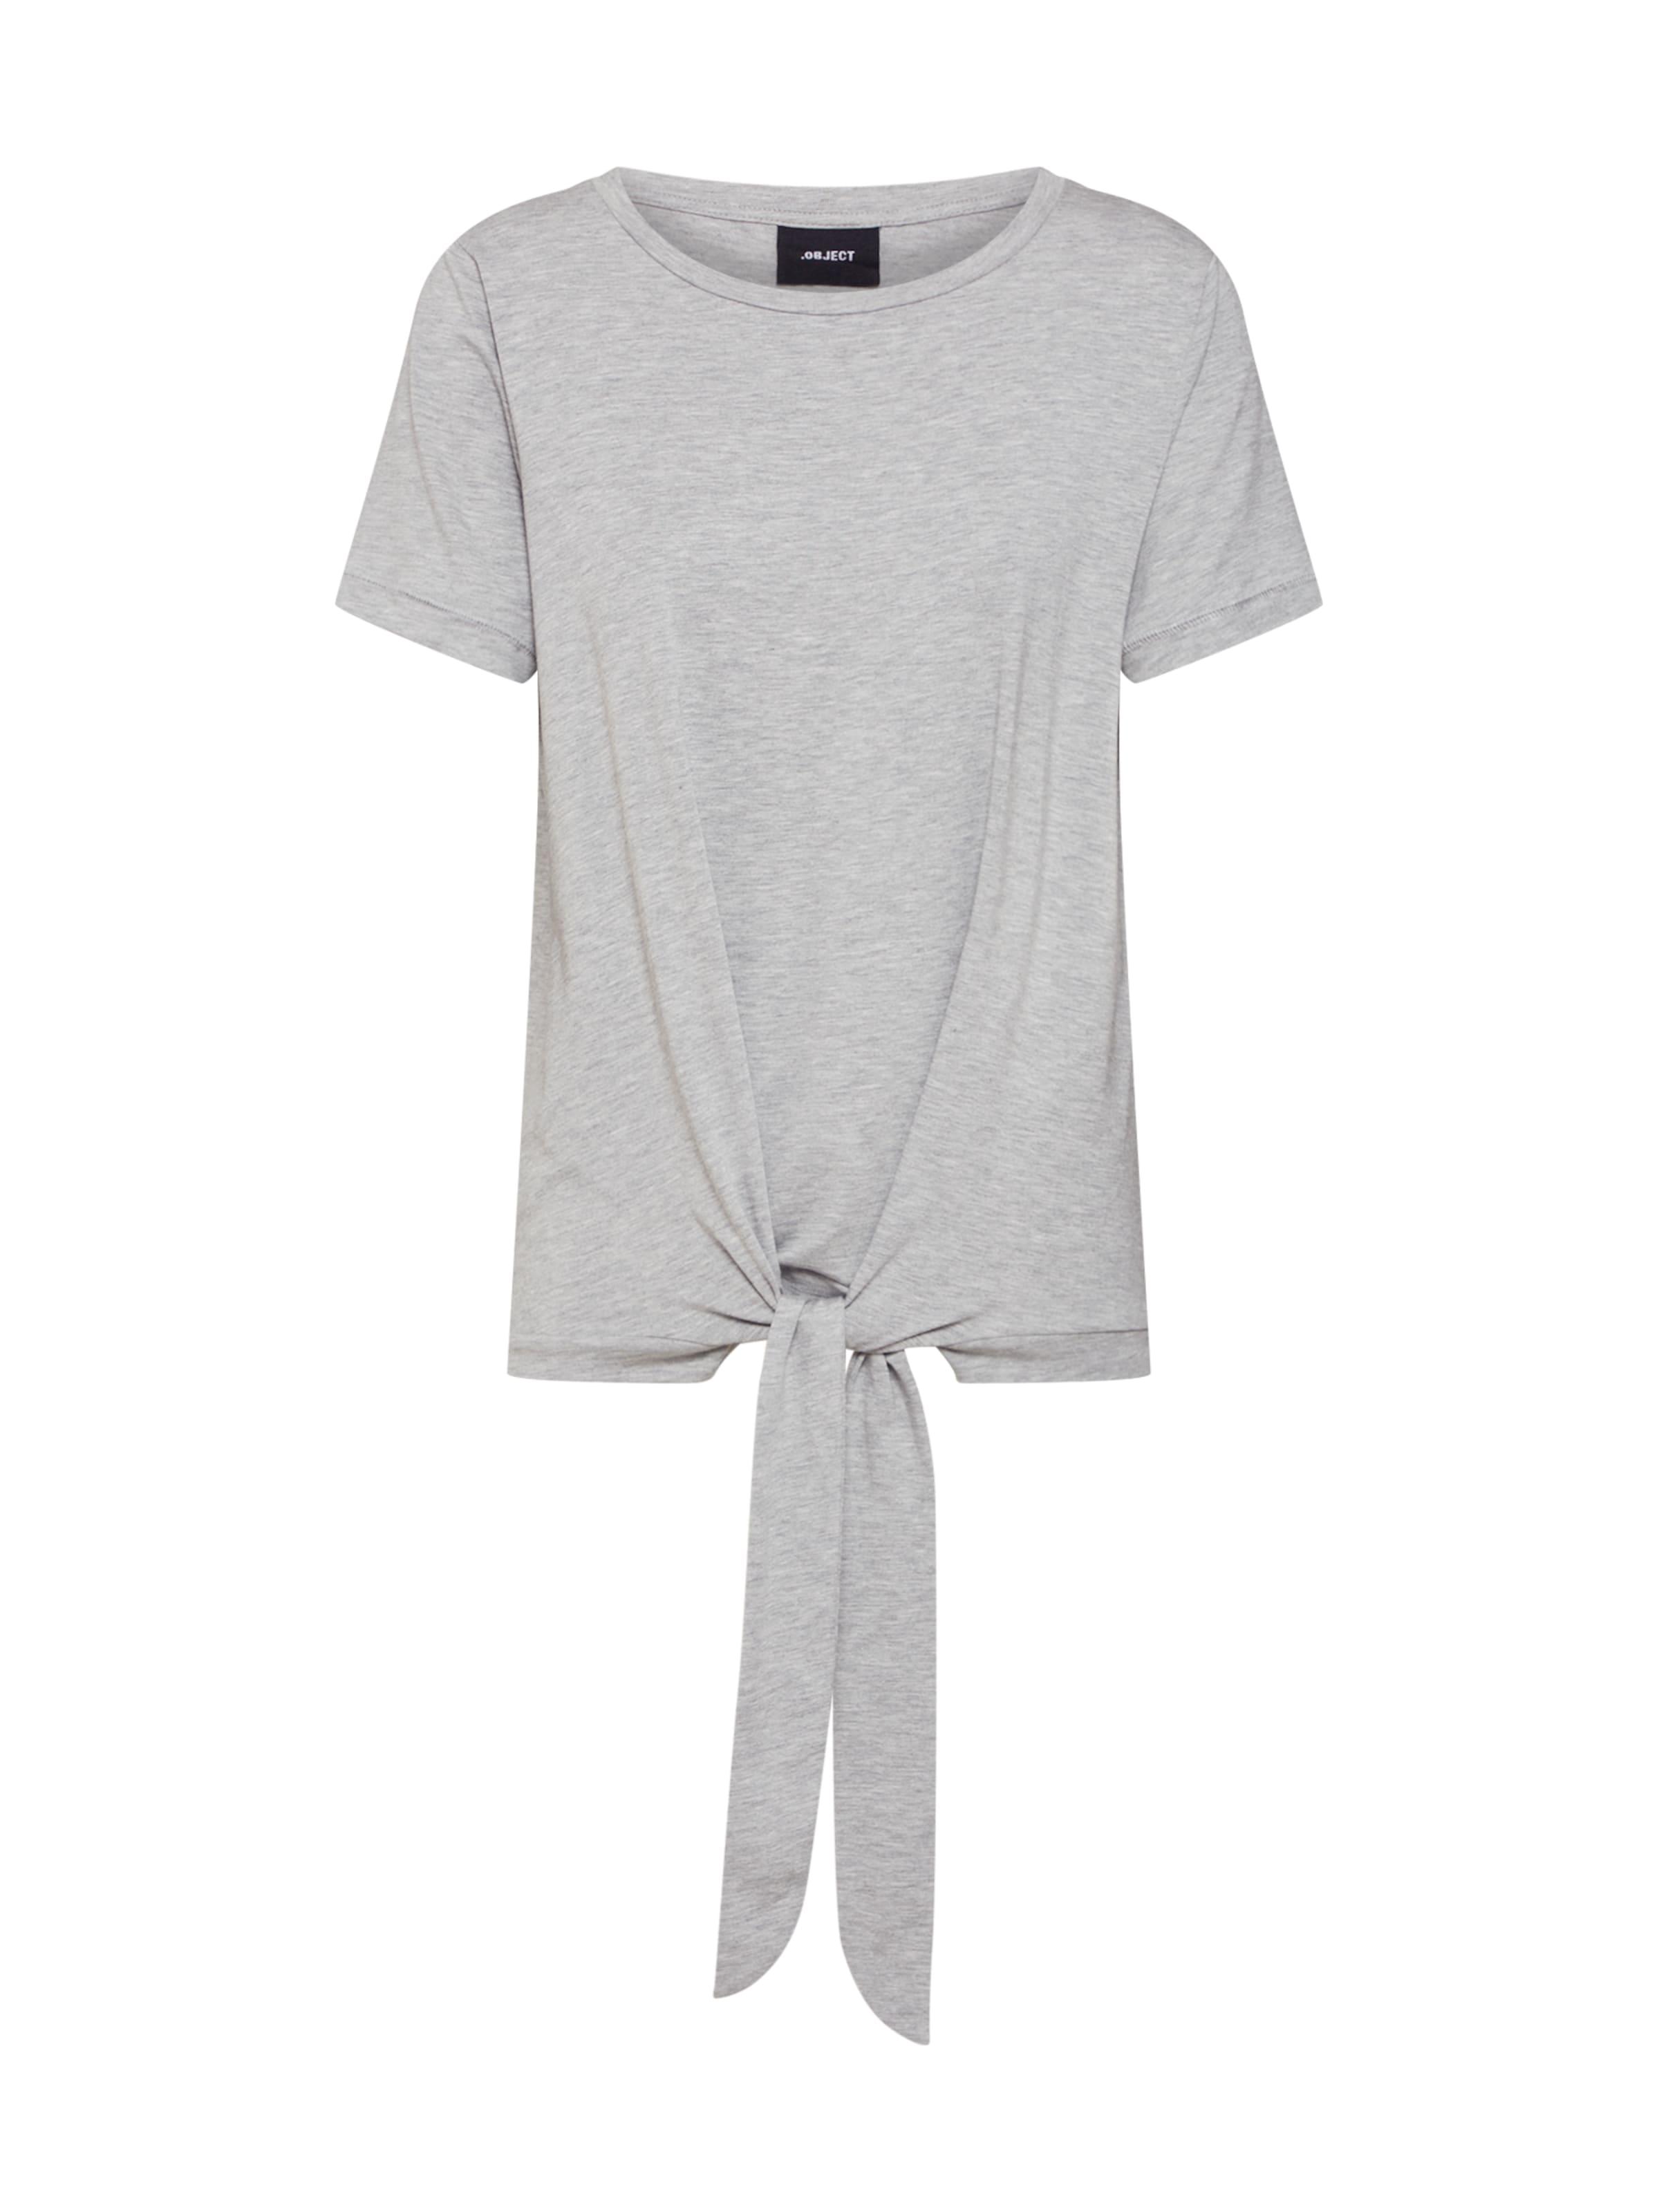 T Object Gris 'stephanie' En shirt Clair rhdtsQC